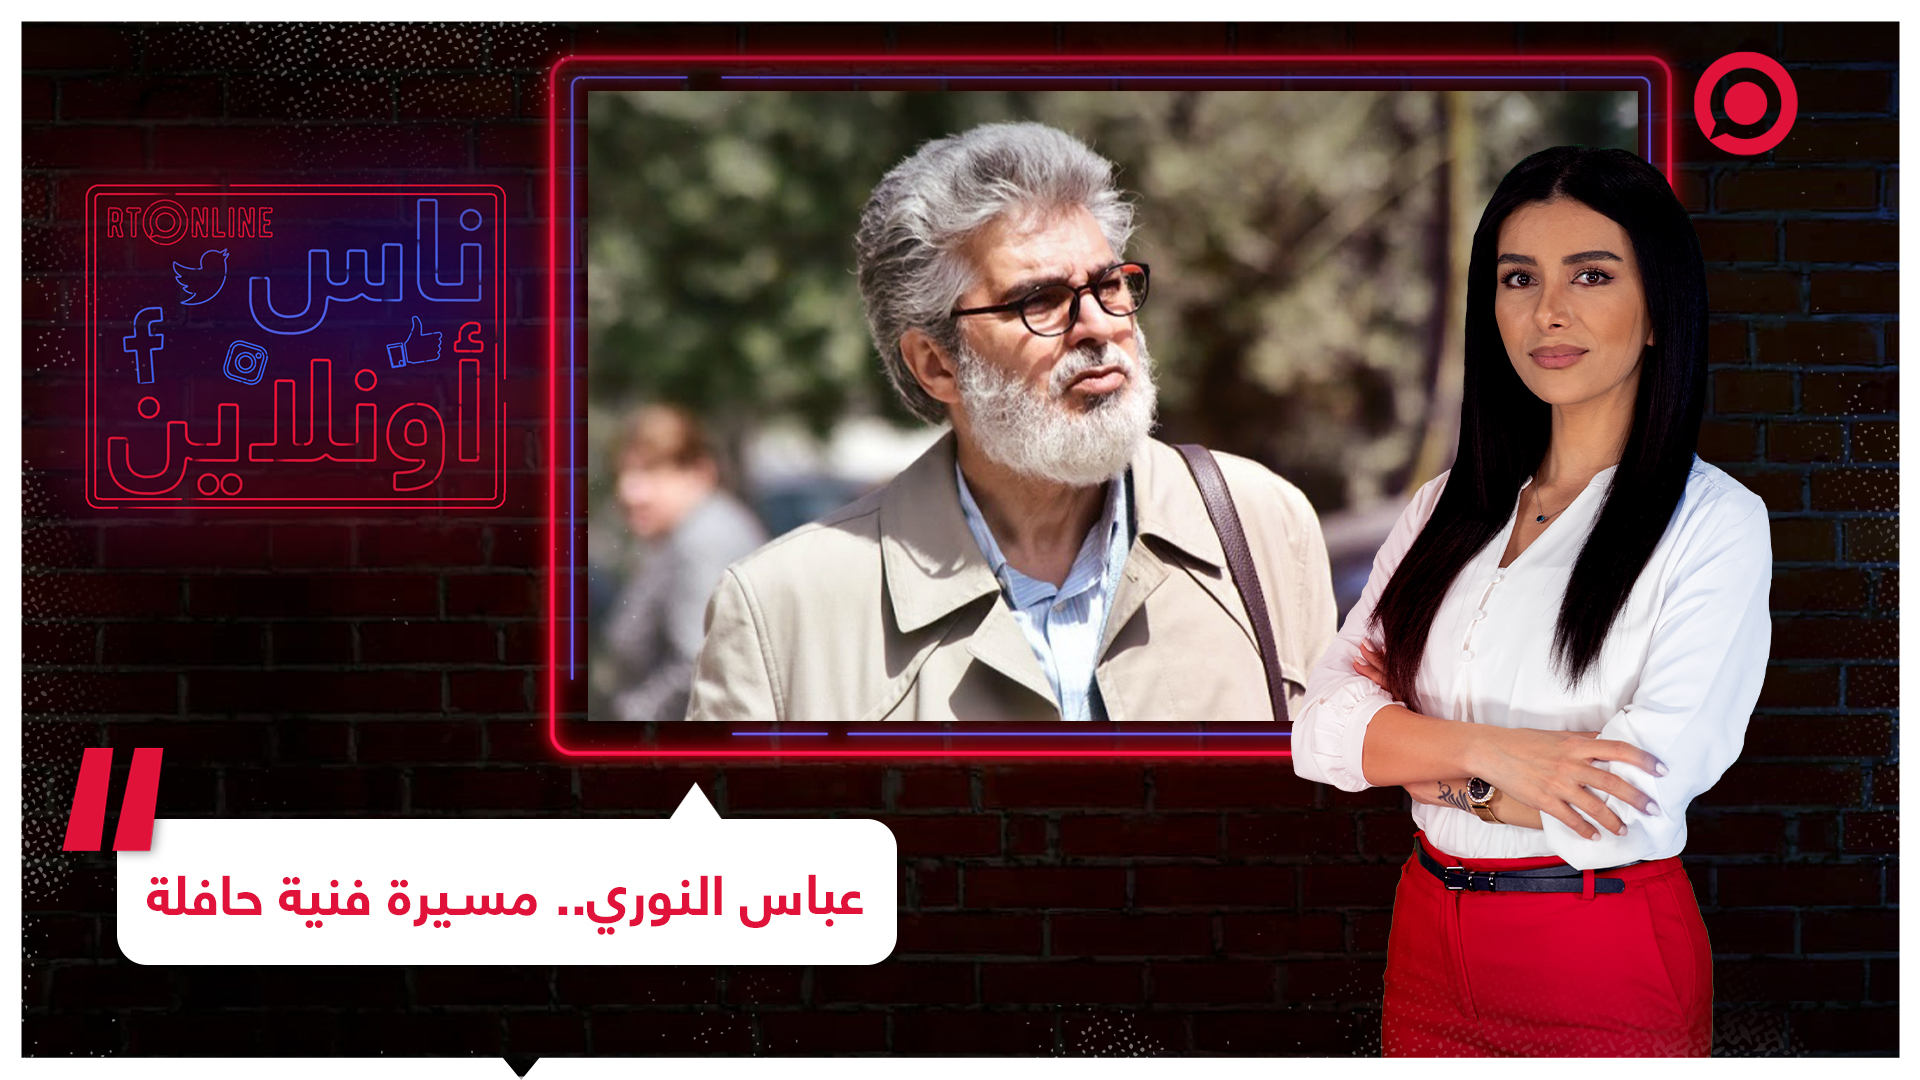 الفنان السوري عباس النوري.. مسيرة عريقة وأدوار مميزة